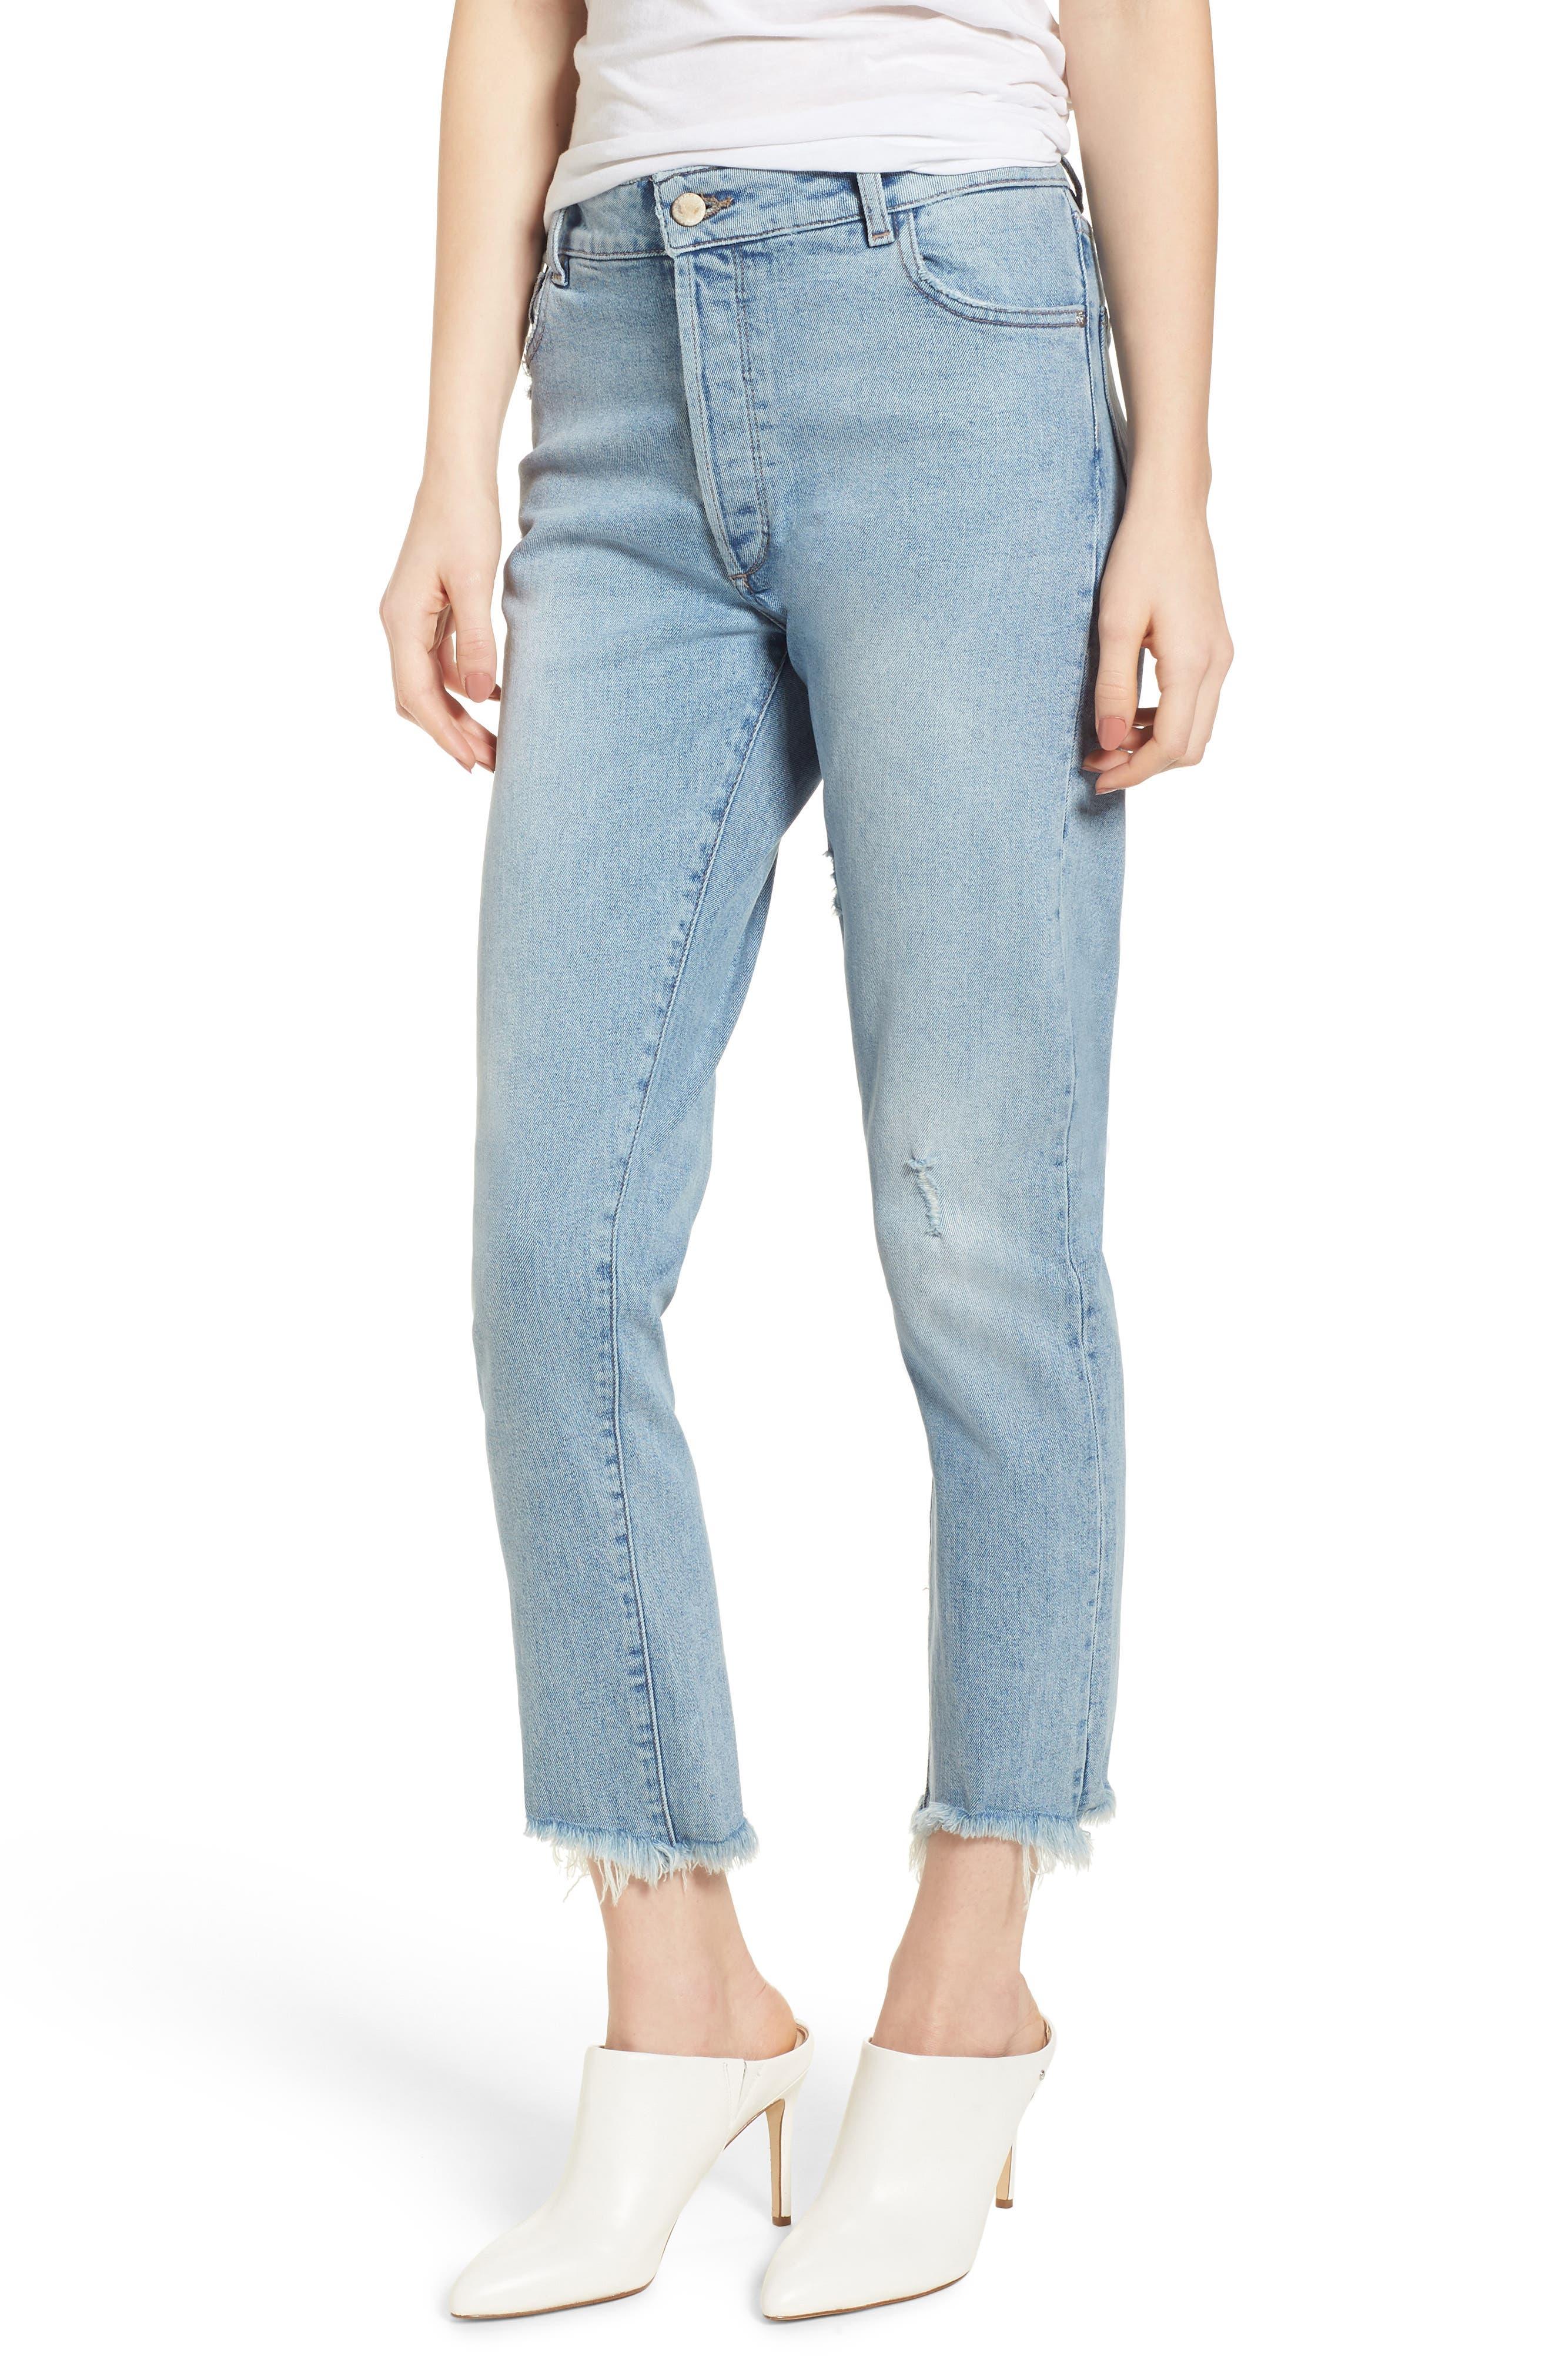 Bella Vintage Crop Slim Jeans,                             Main thumbnail 1, color,                             430